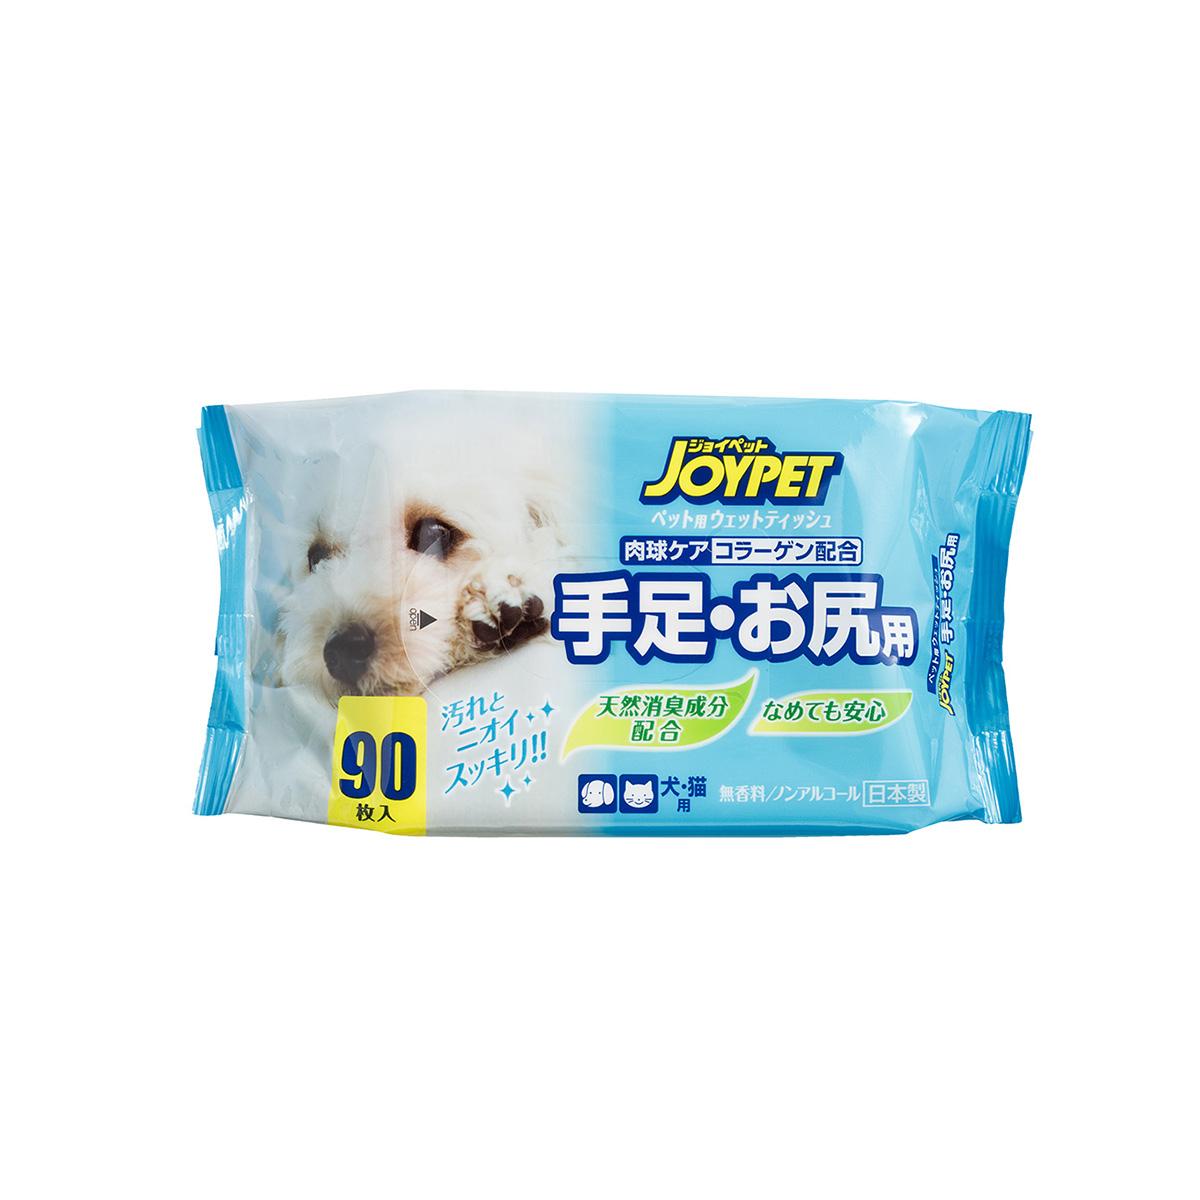 JOYPET 骨胶原肉球&屁股清洁养护湿巾